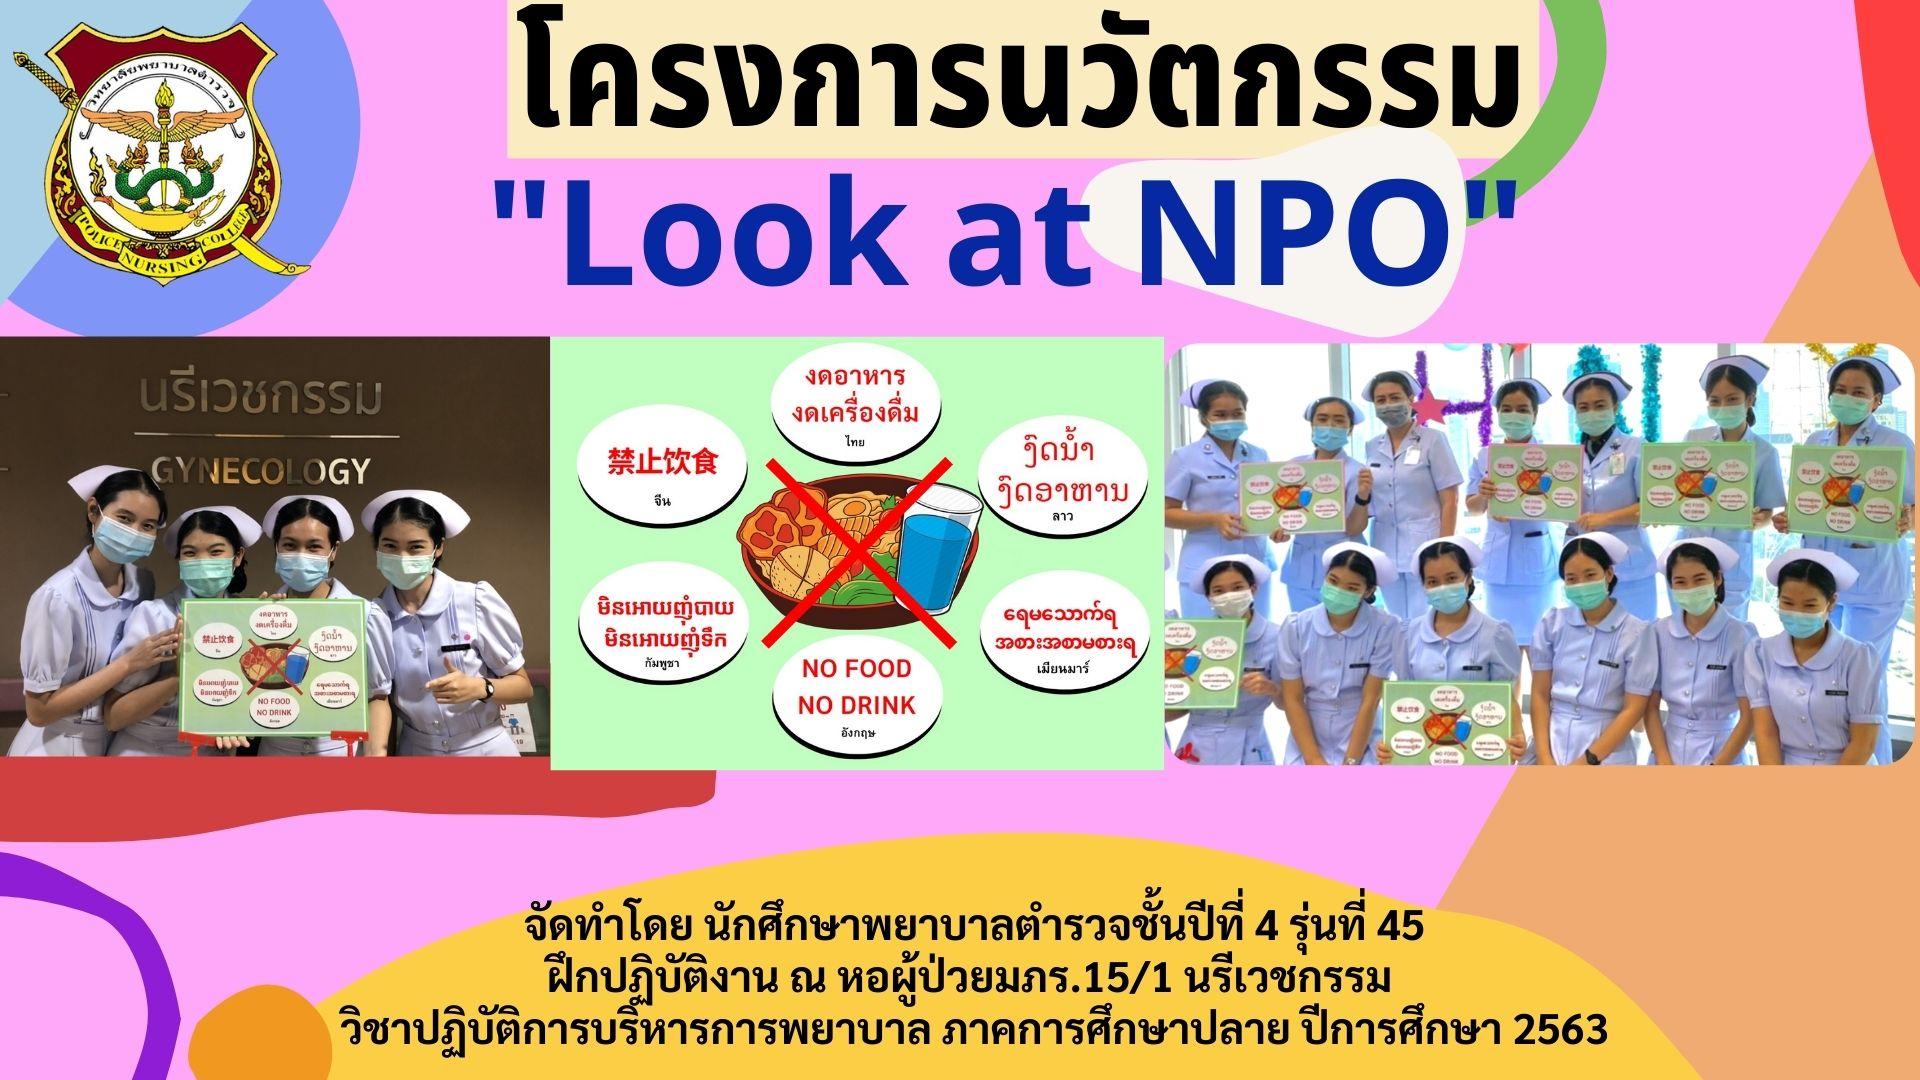 2 Look at NPO